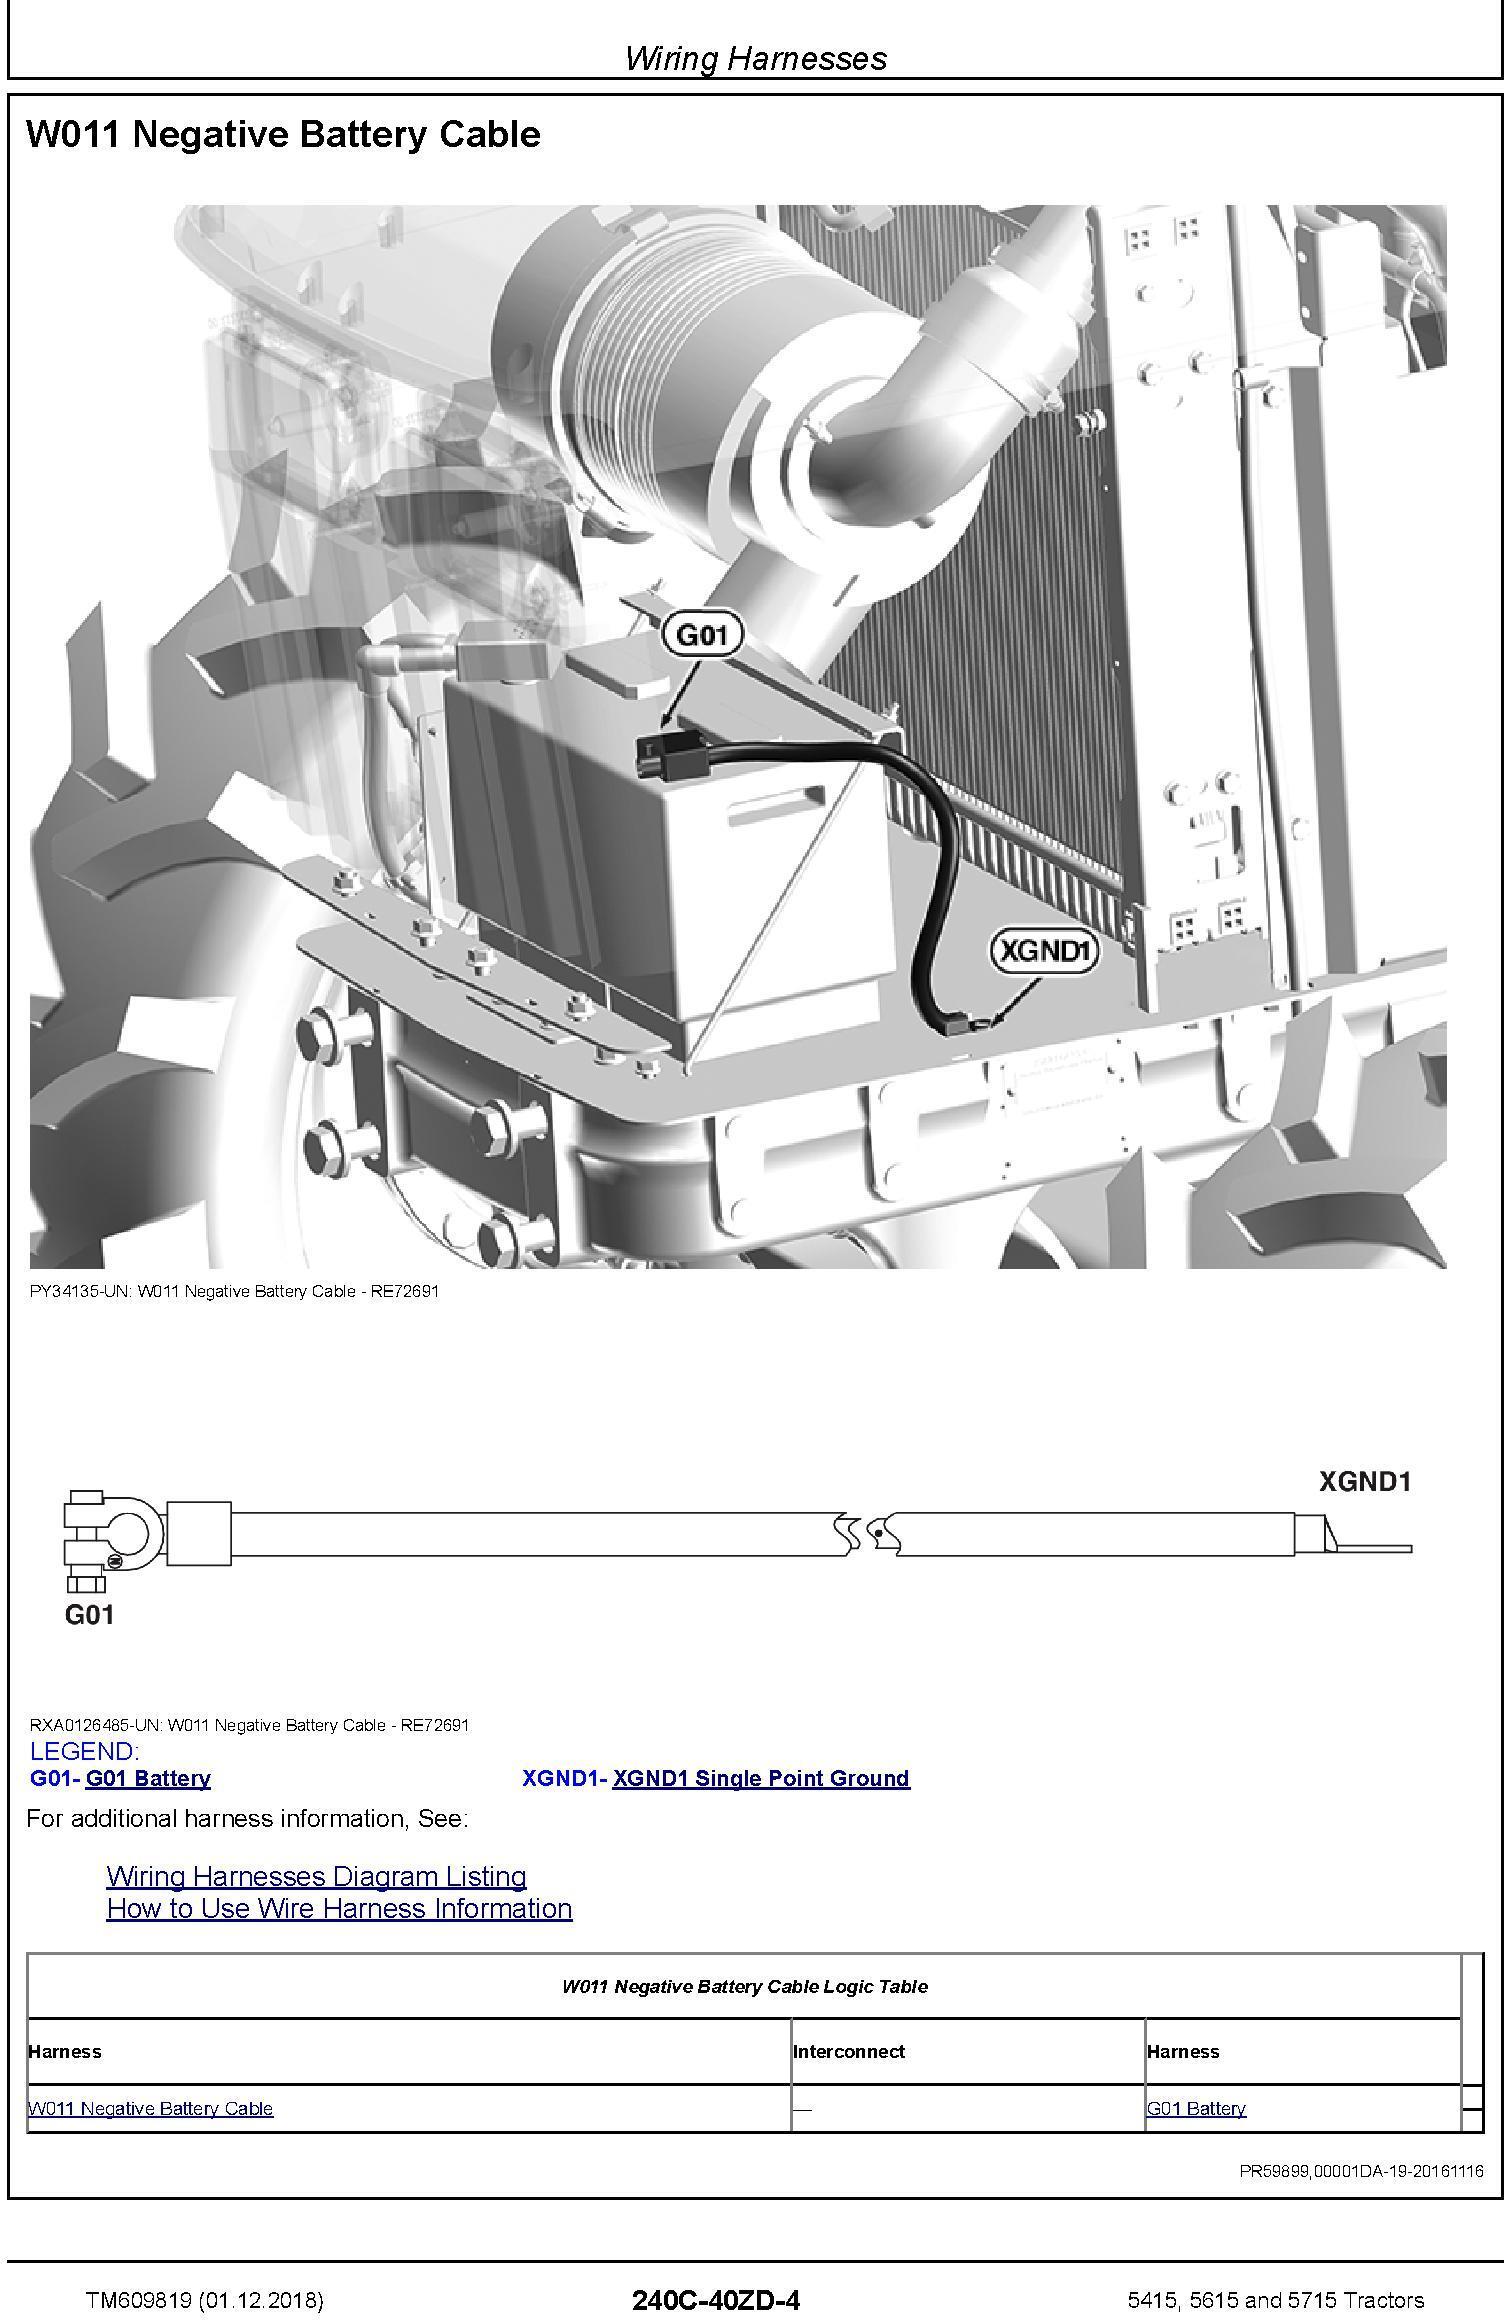 John Deere 5415, 5615 and 5715 Tractors Diagnostic Technical Service Manual (TM609819) - 1